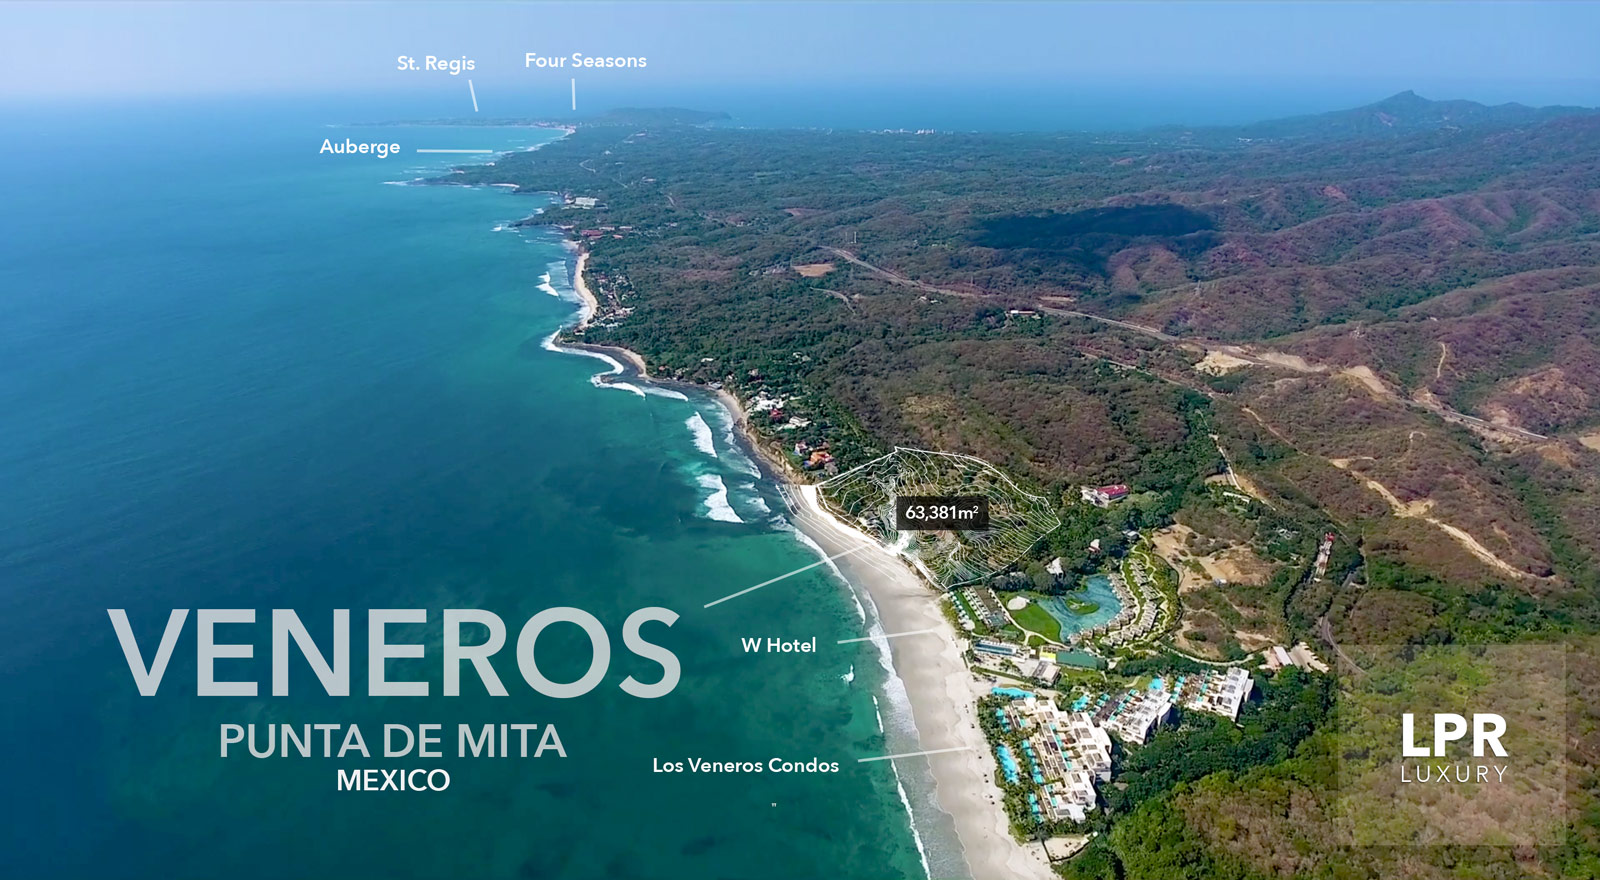 Los Veneros - La Huerta -Punta de Mita, Riviera Nayarit real estate - Mexico